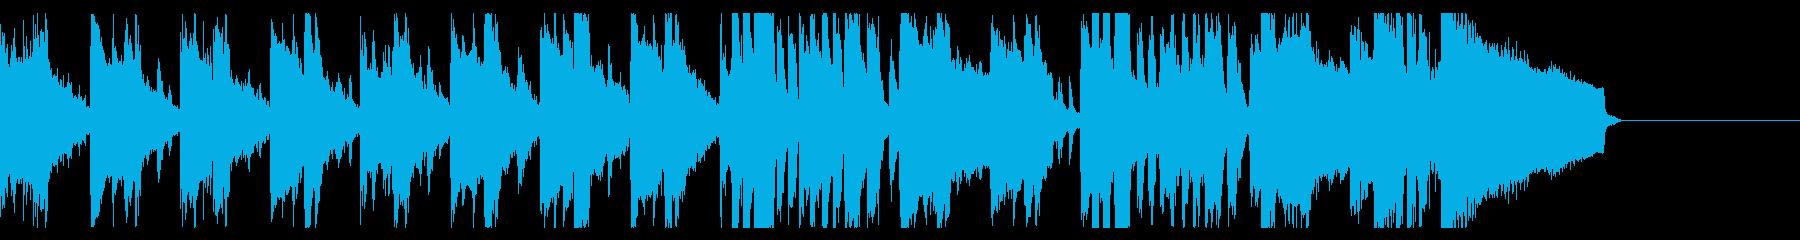 おだやかな海辺のような曲【30秒】の再生済みの波形